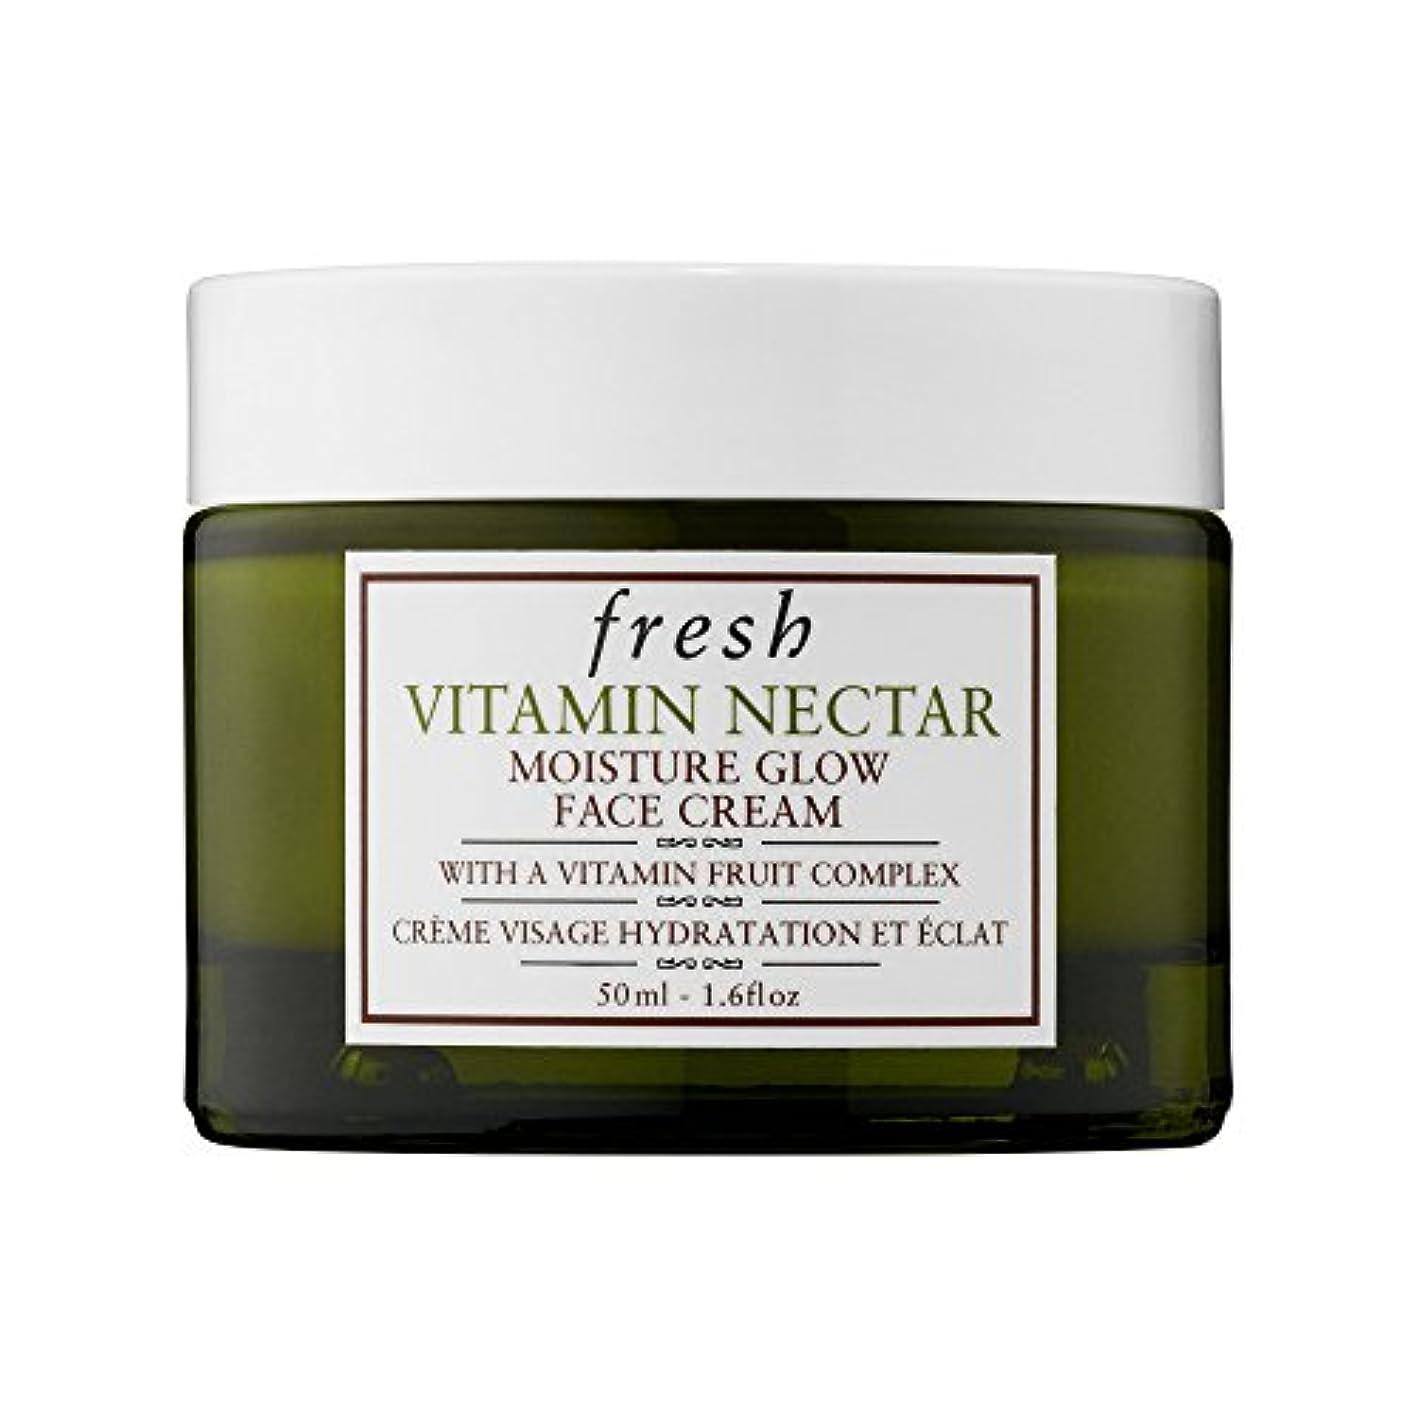 ゆりかご花嫁踏み台フレッシュ Vitamin Nectar Moisture Glow Face Cream 50ml/1.6oz並行輸入品